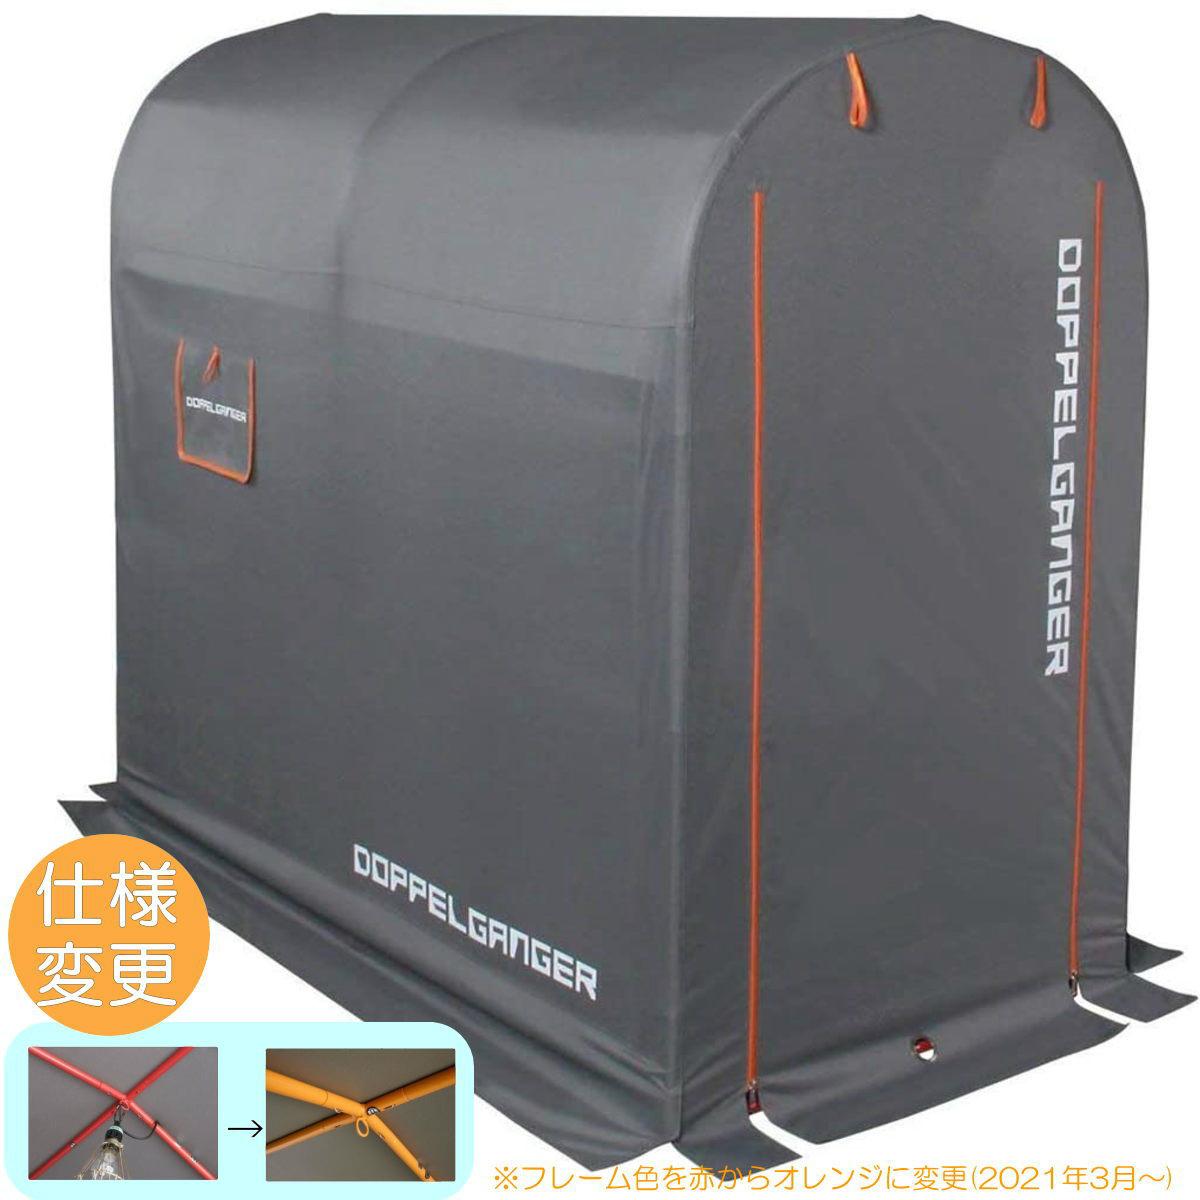 DOPPELGANGER ストレージバイクガレージ | Mサイズ | DCC330M-GY | 自転車・バイク用屋外簡易車庫 | ドッペルギャンガー